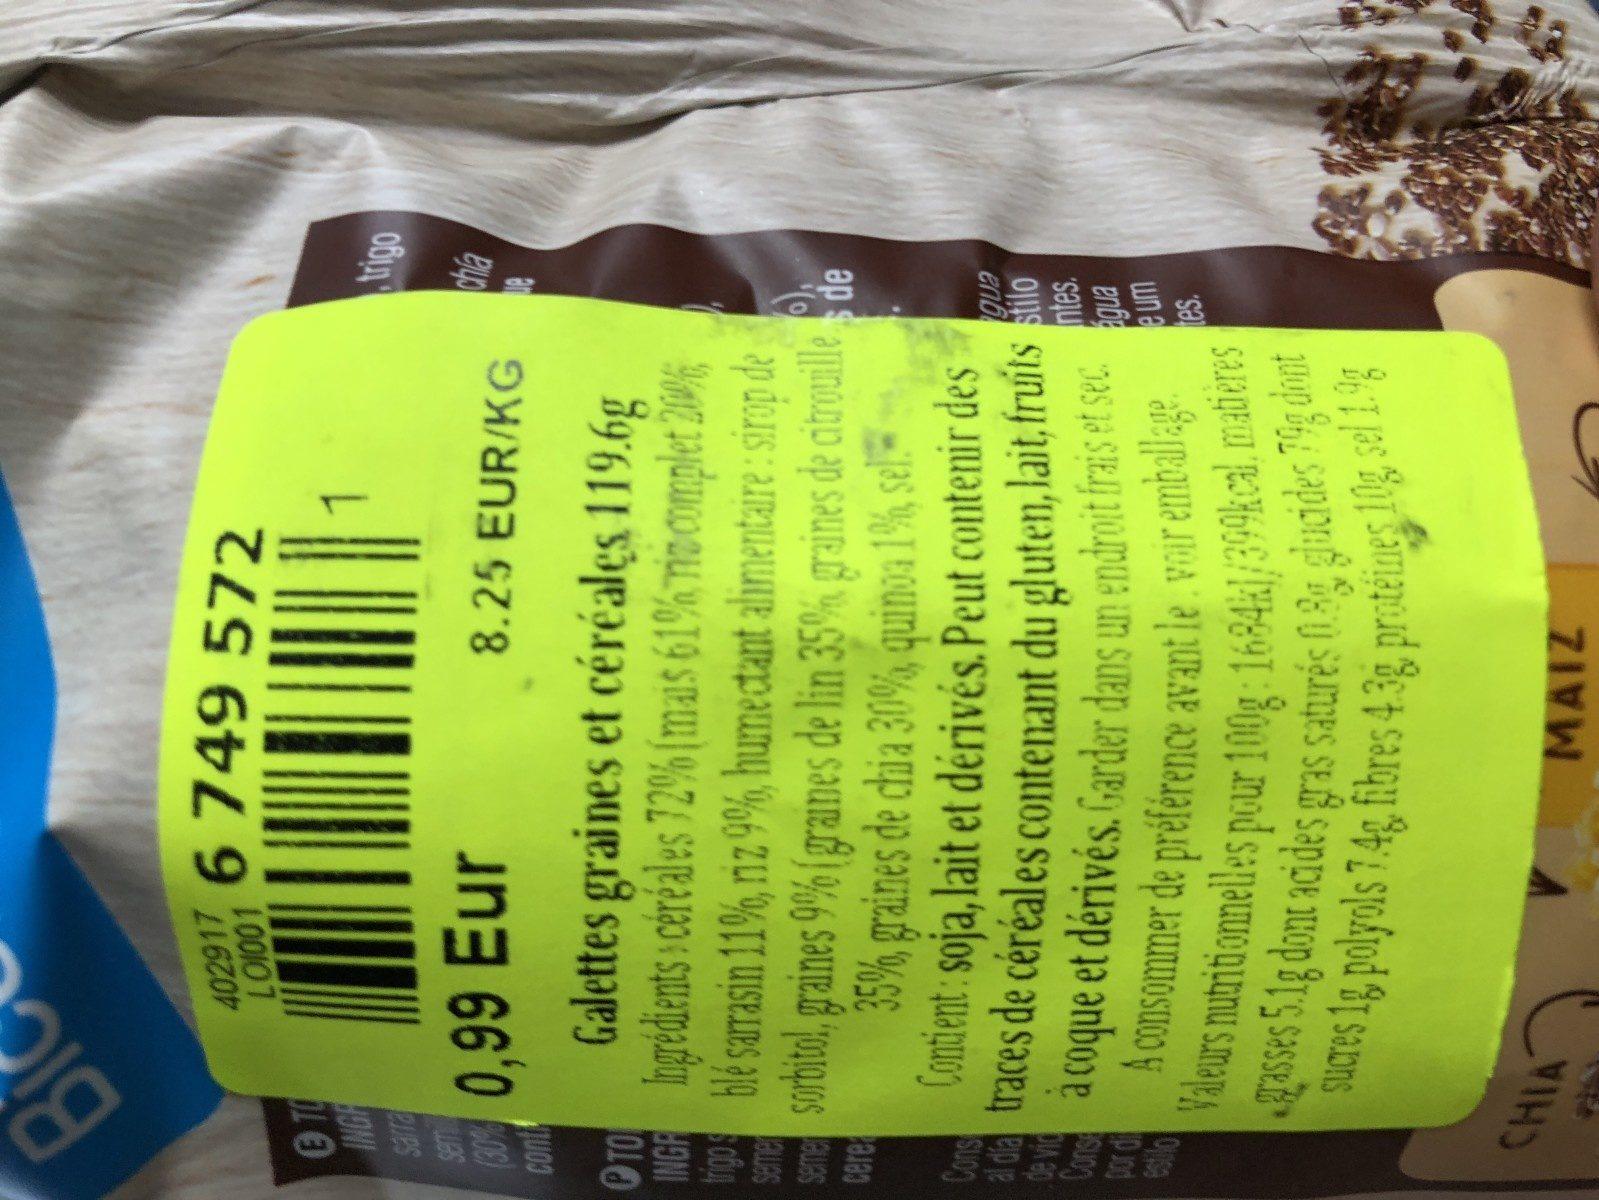 6 semillas y cereales. Tortita de maiz - Ingredientes - fr